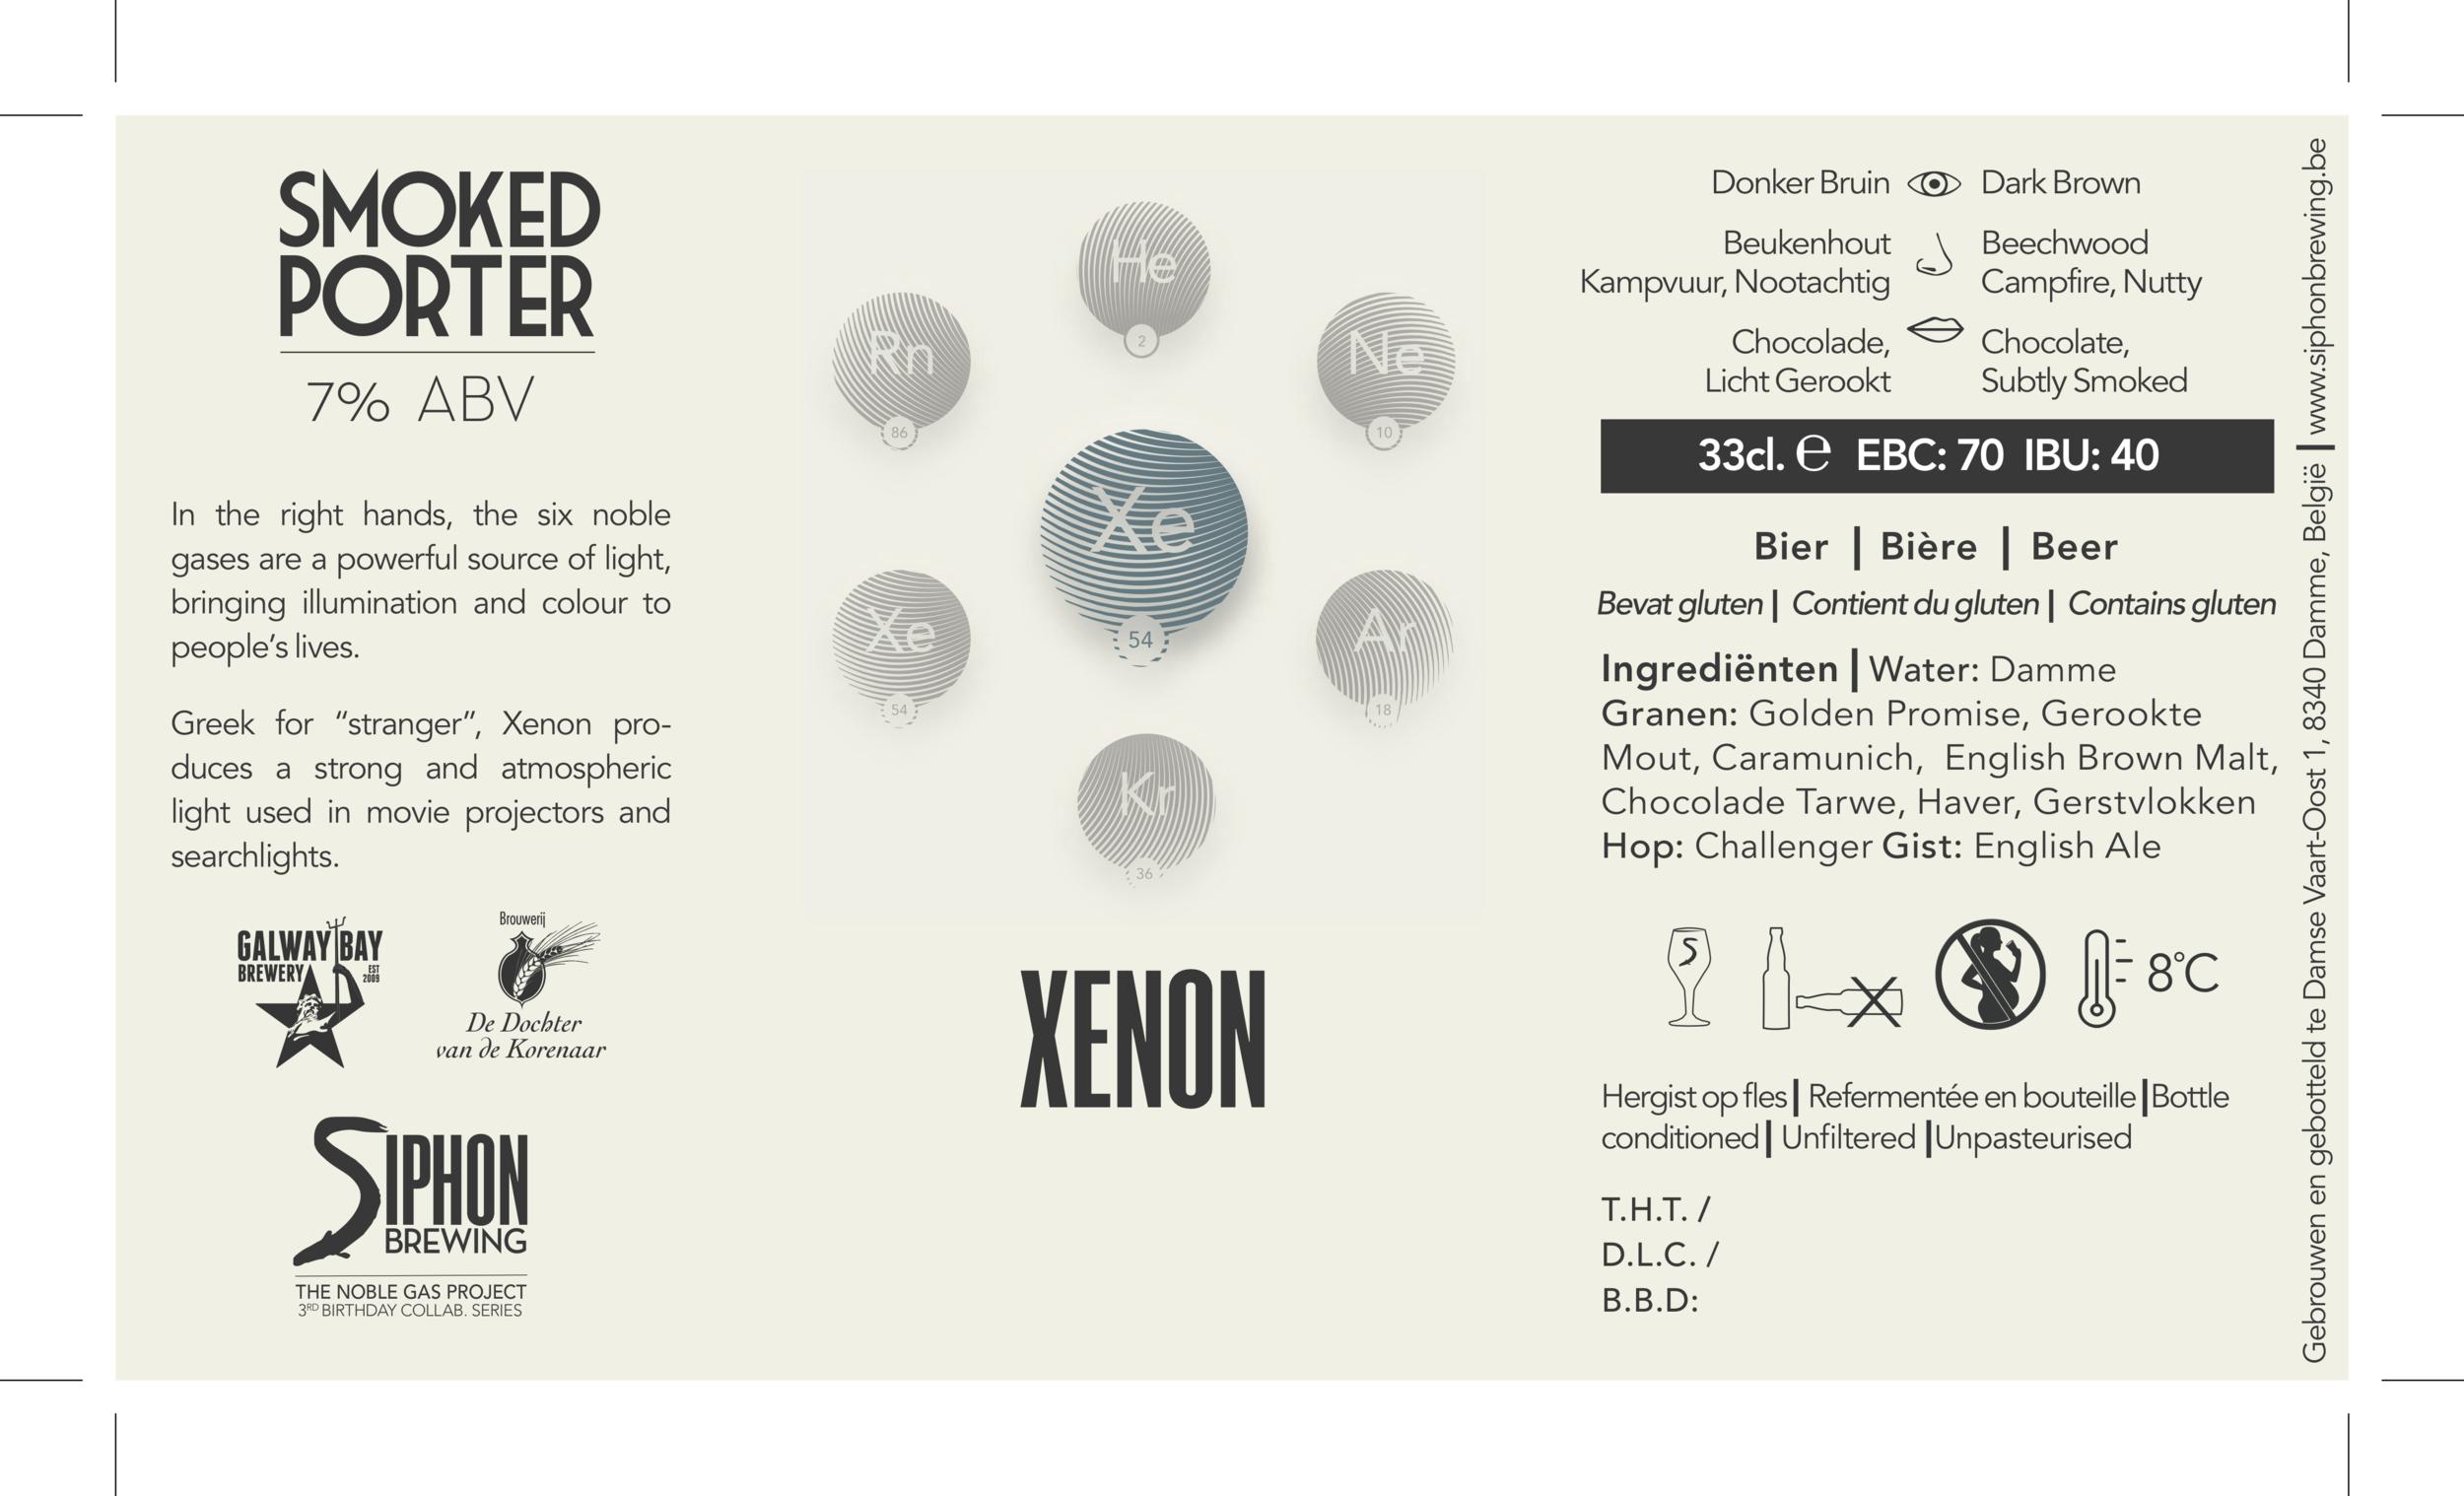 xenon.png